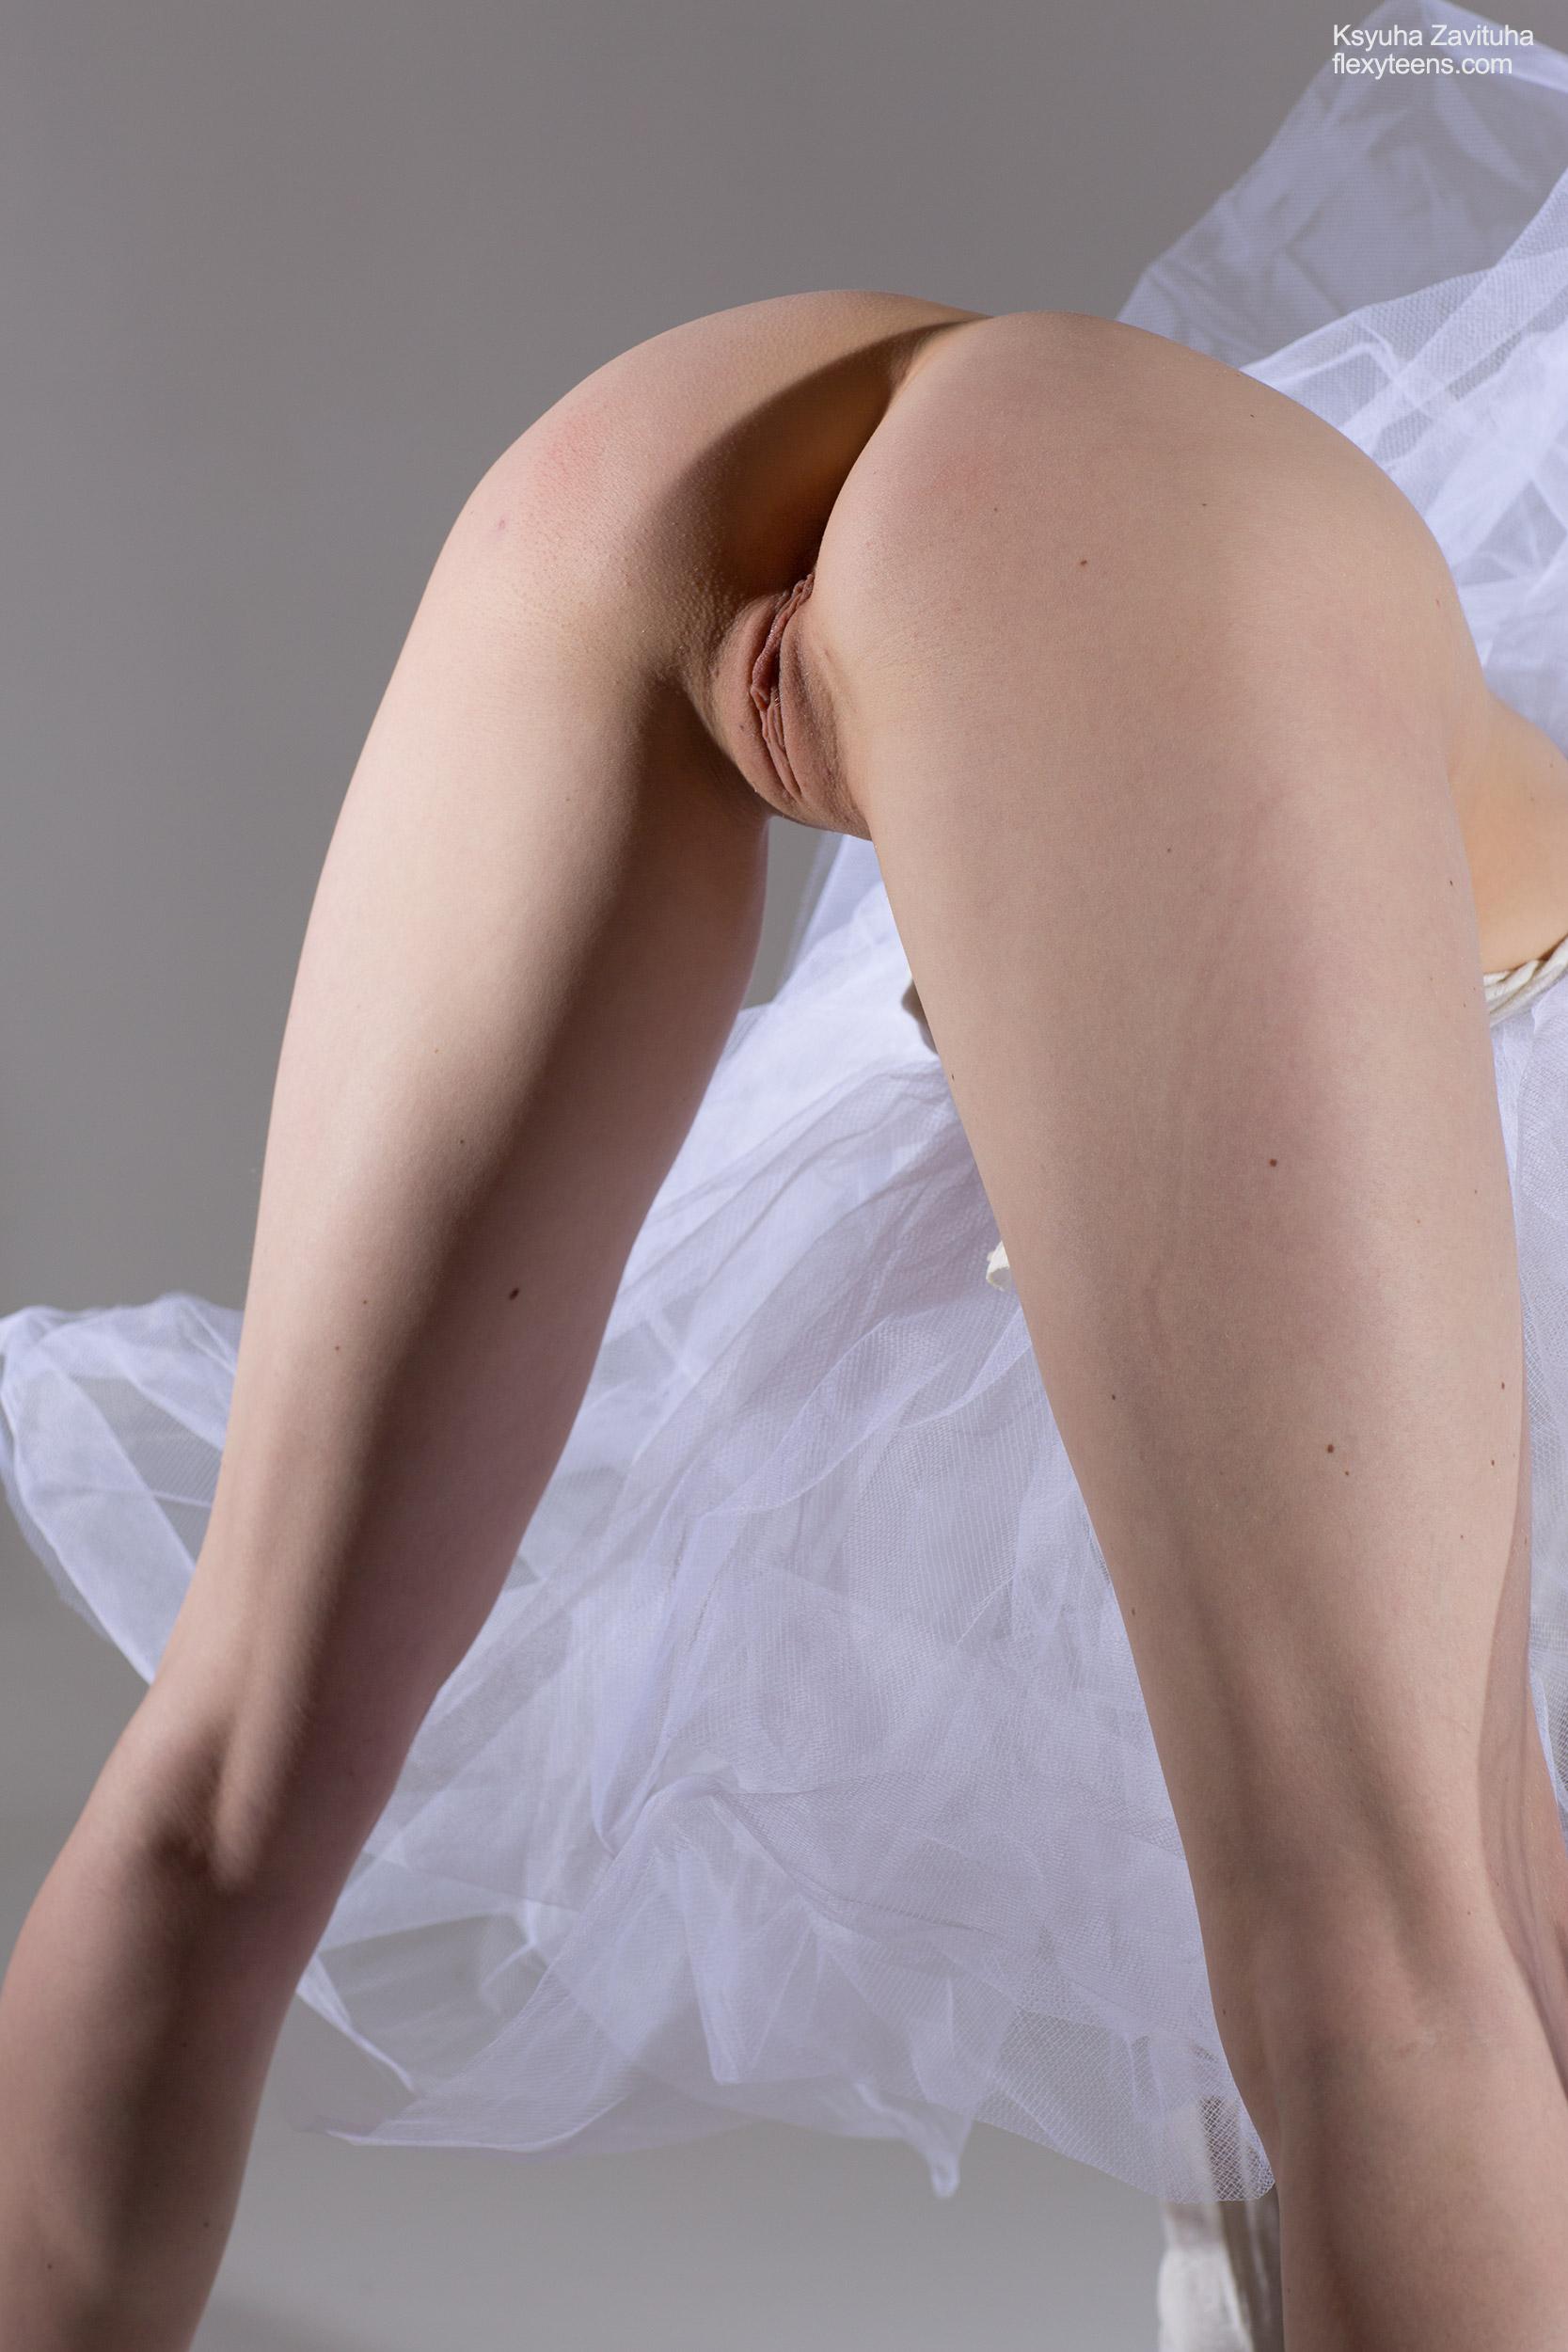 Elegante Ballerina Ksyuha Zavituha entblößt ihren nackten, beweglichen Körper